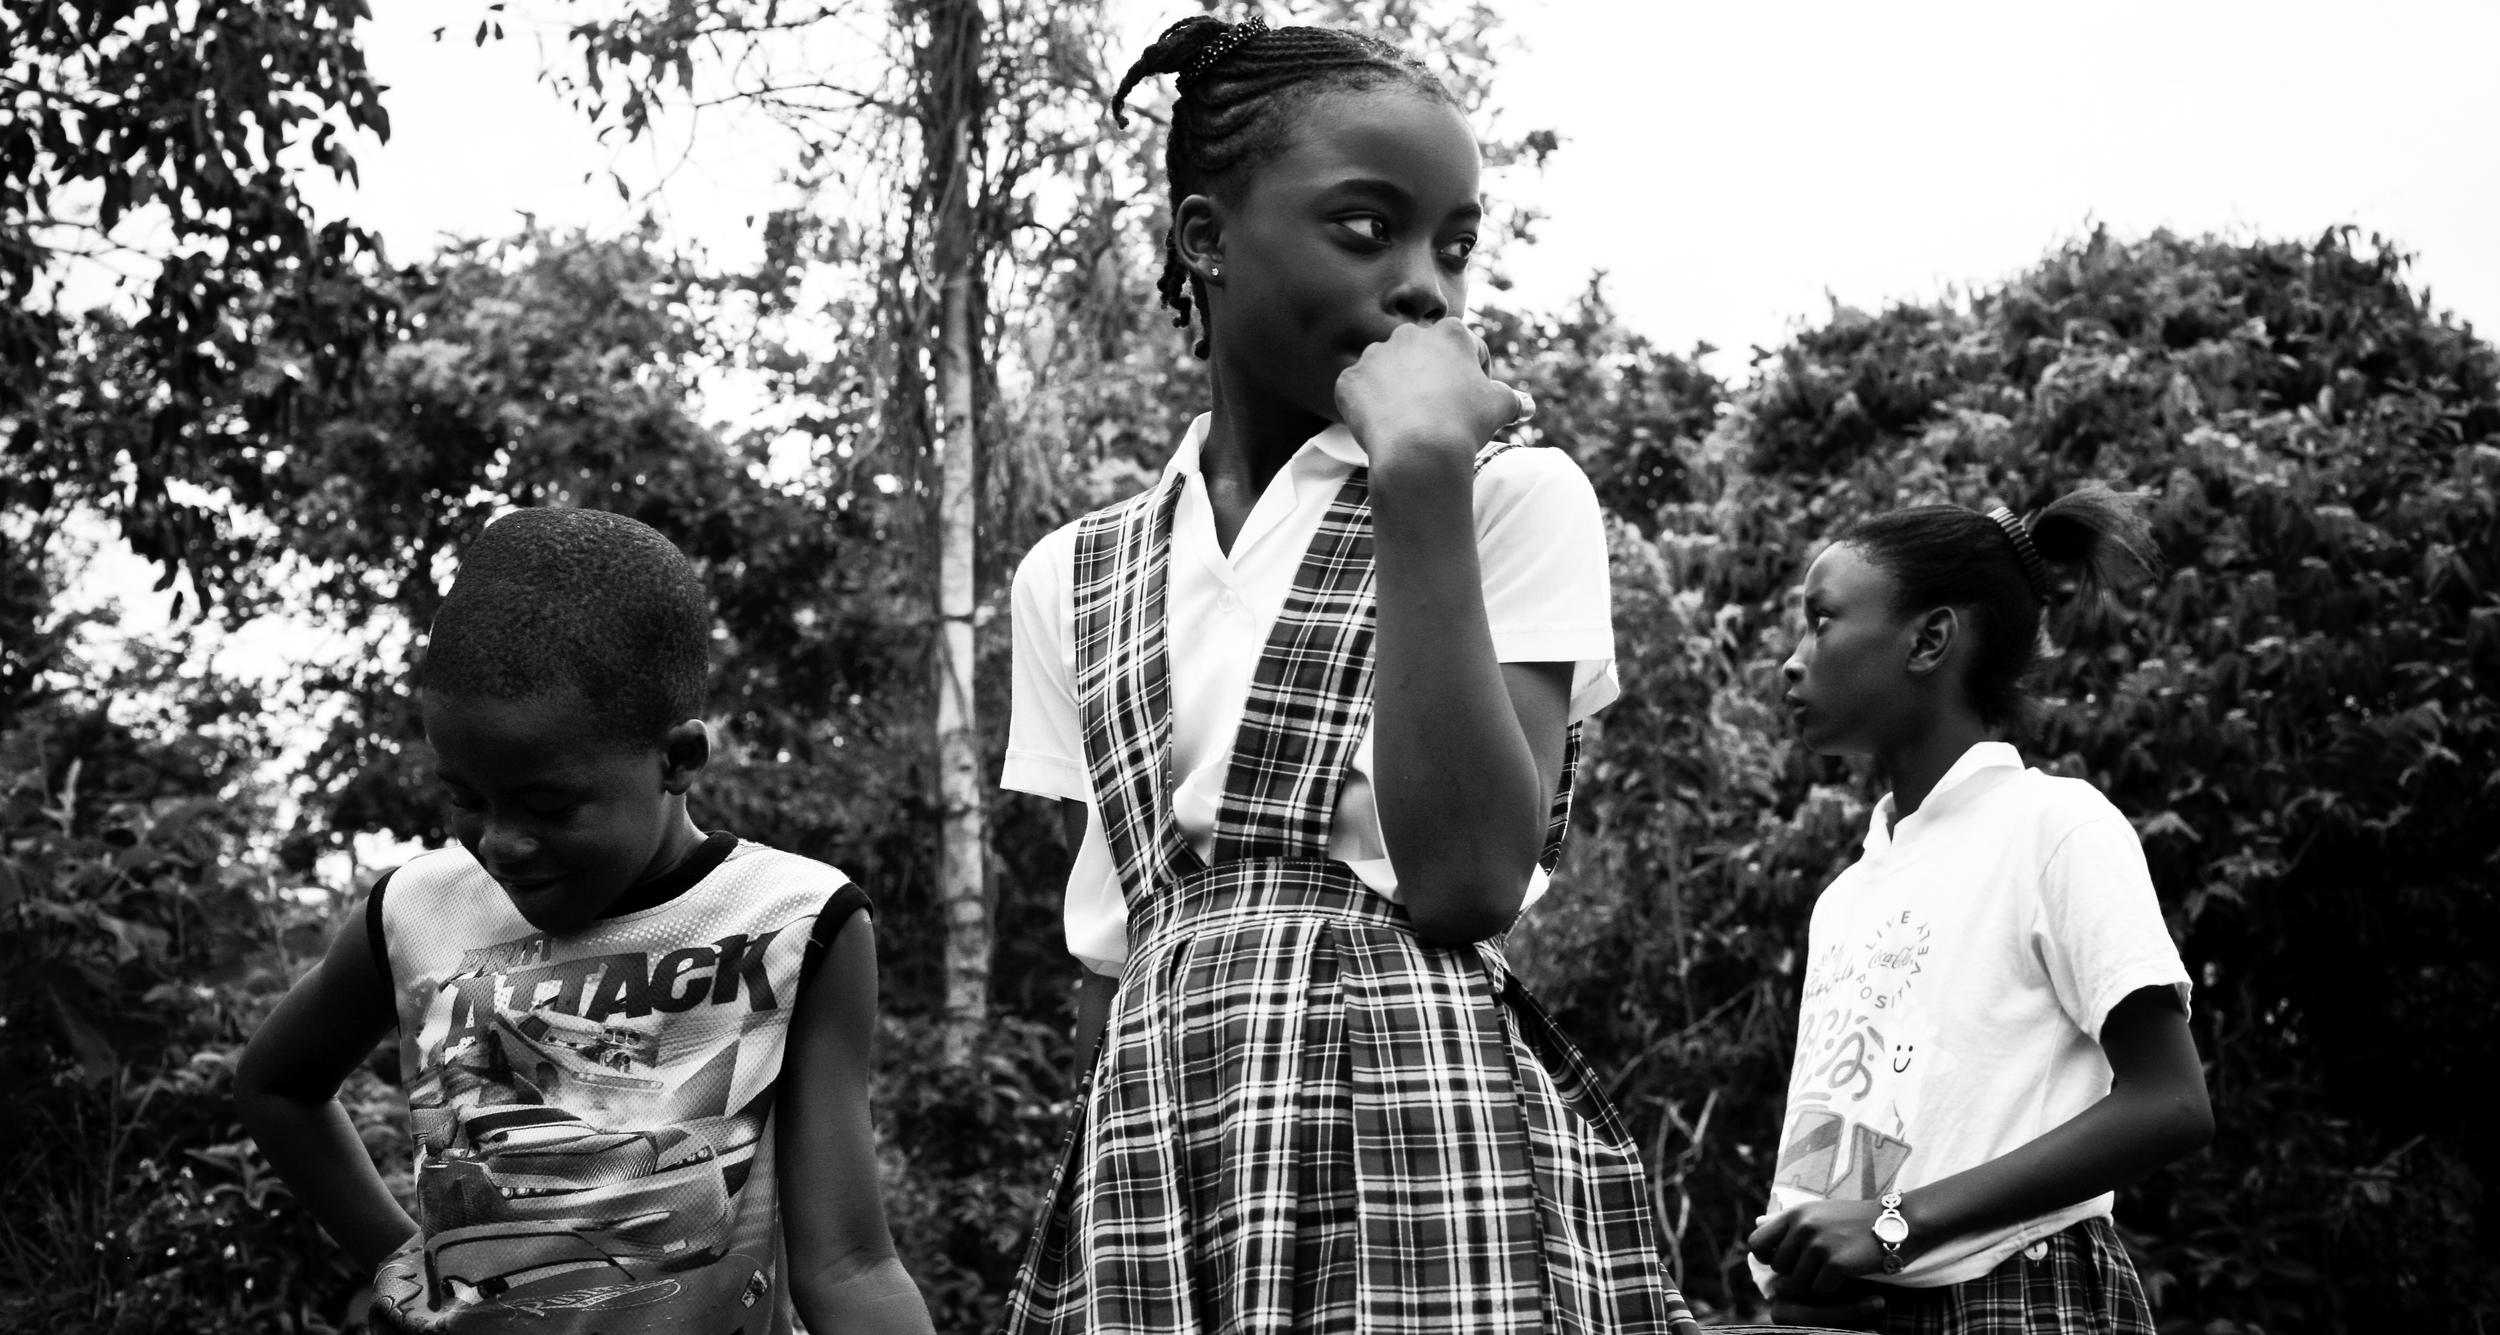 Untitled (School Kids) Barrett Town, Jamaica 2013